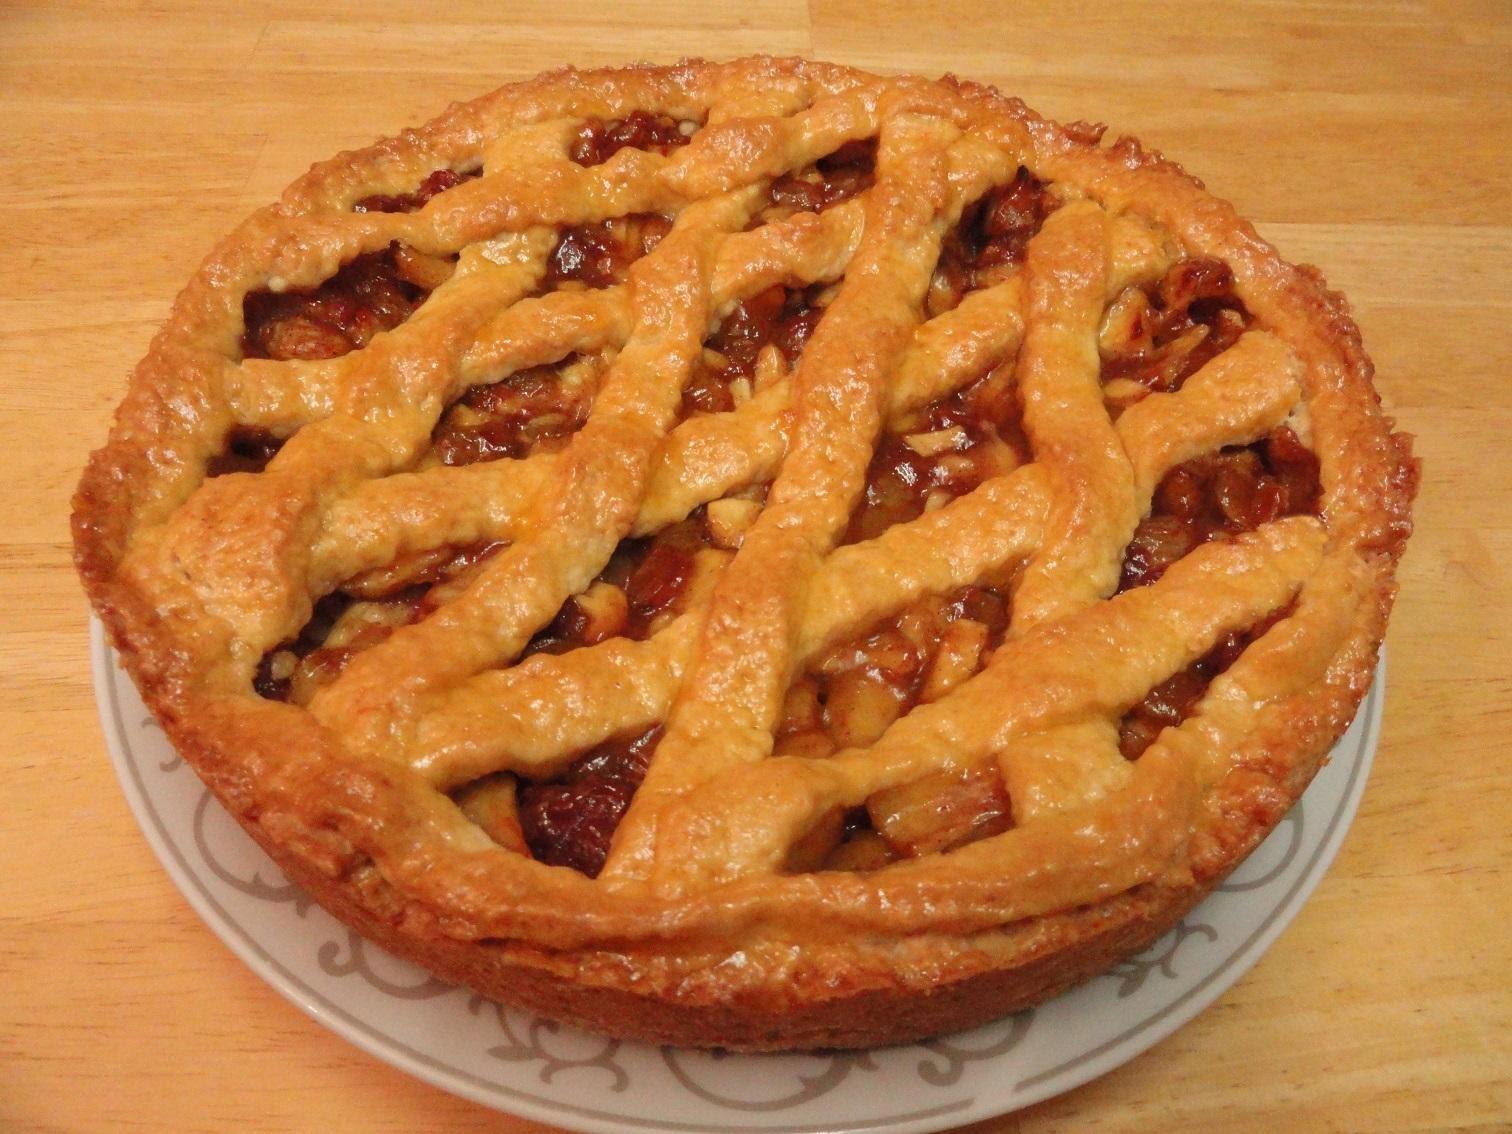 بالصور طريقة عمل فطيرة التفاح , خطوات اعداد فطيره التفاح 4332 2